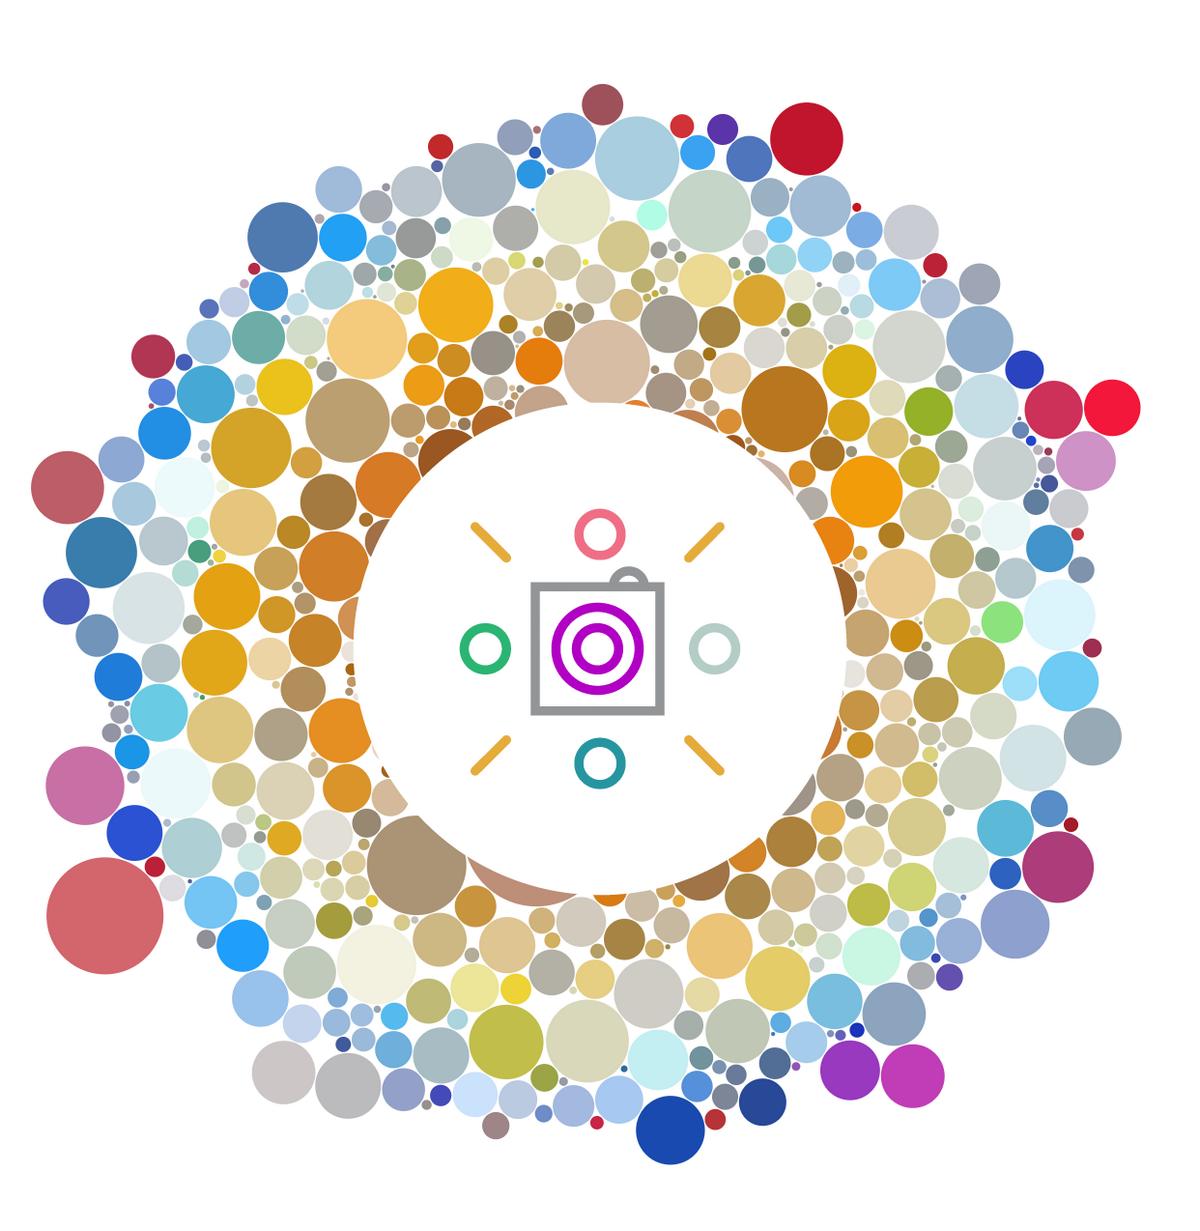 После авторизации программа анализирует профиль пользователя и представляет картинку с определенным количеством цветных точек